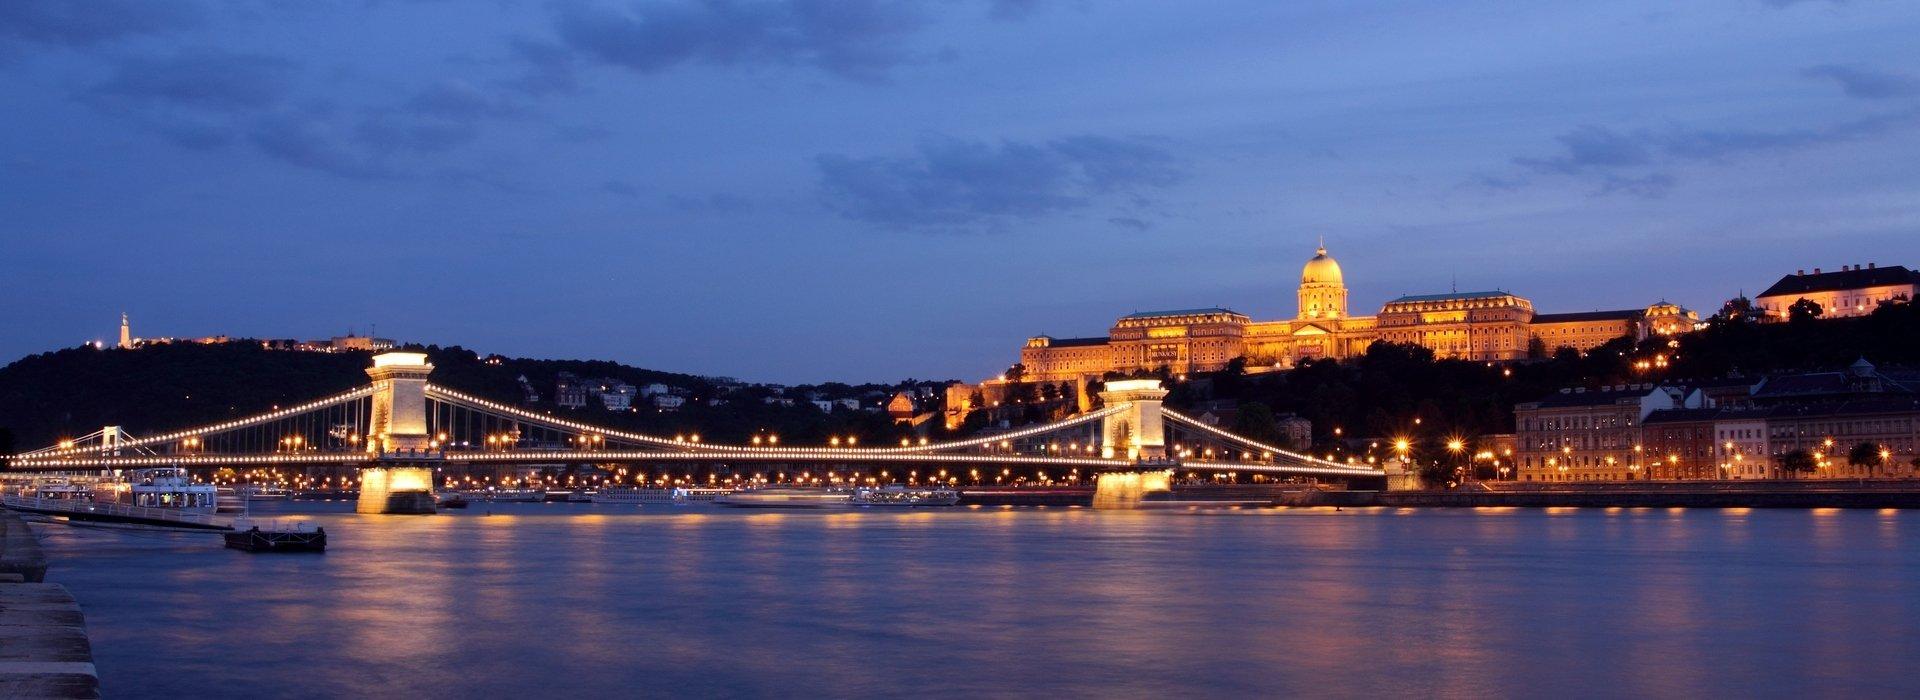 Umgebung von Budapest